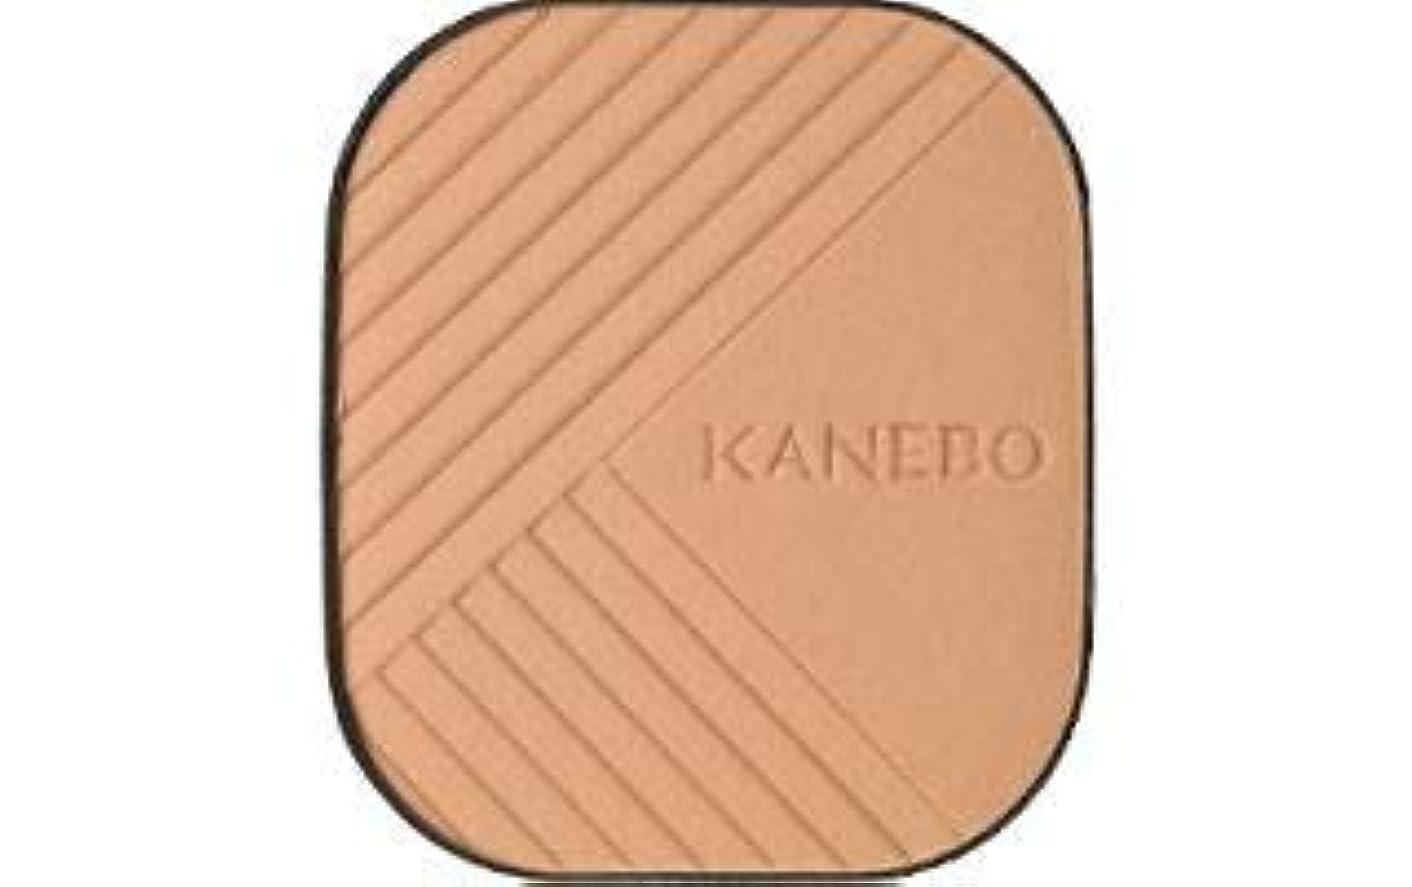 料理より平らな取得するKANEBO カネボウ ラスターパウダーファンデーション レフィル オークルD/OC D 9g [並行輸入品]